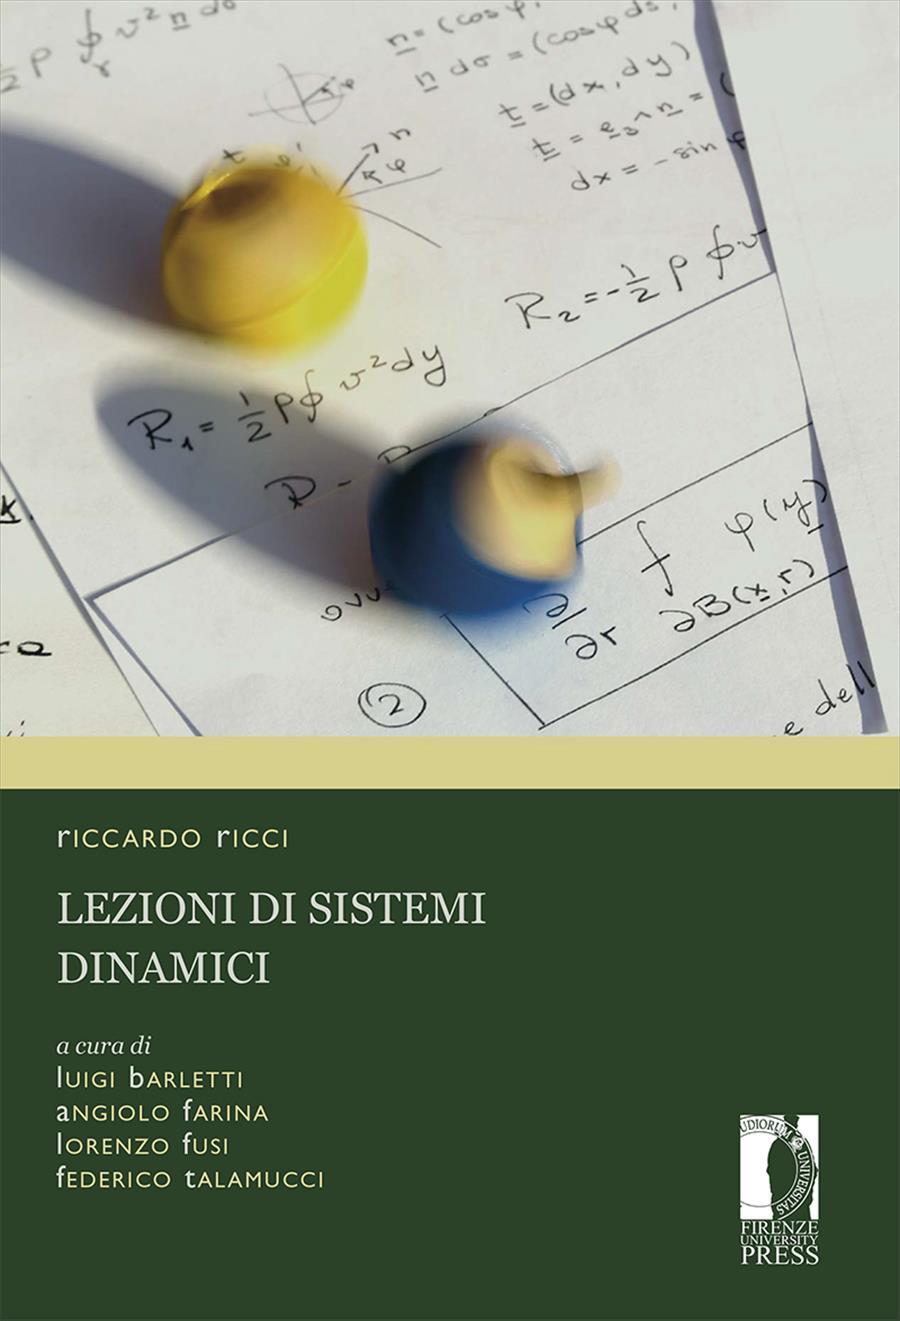 Lezioni di Sistemi Dinamici